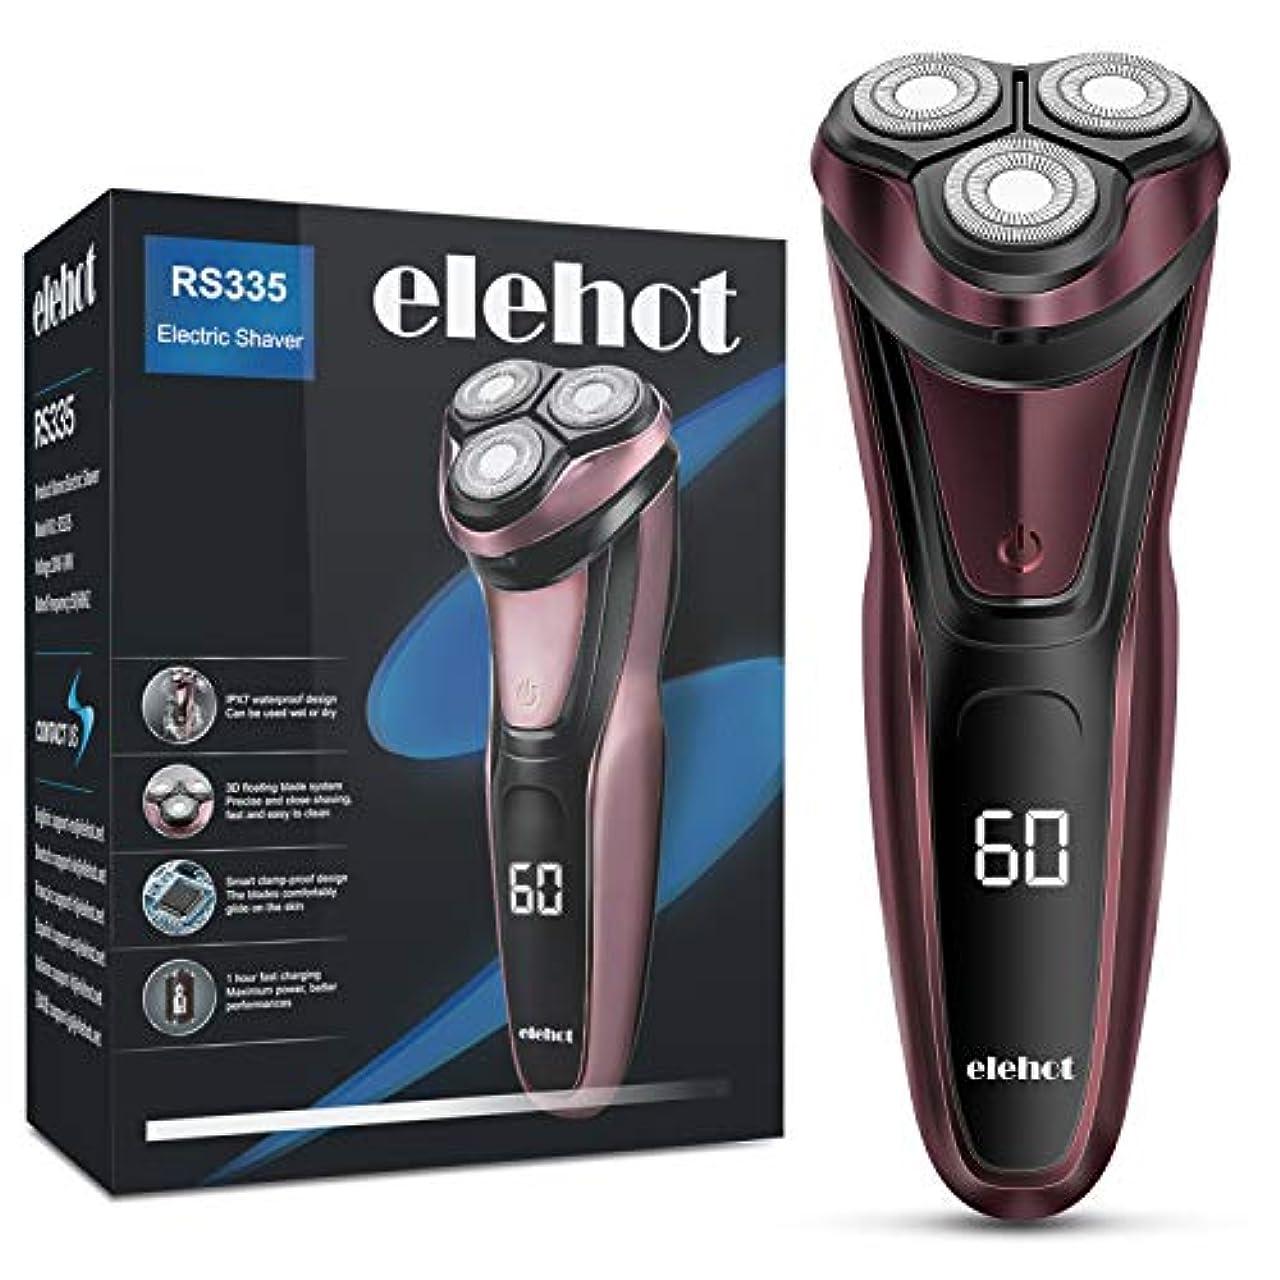 シガレットほとんどない申込みELEHOT シェーバー 髭剃り 電気シェーバー ひげそり メンズ 回転式 IPX7防水 丸洗い可 充電式 トリマー付き RS335